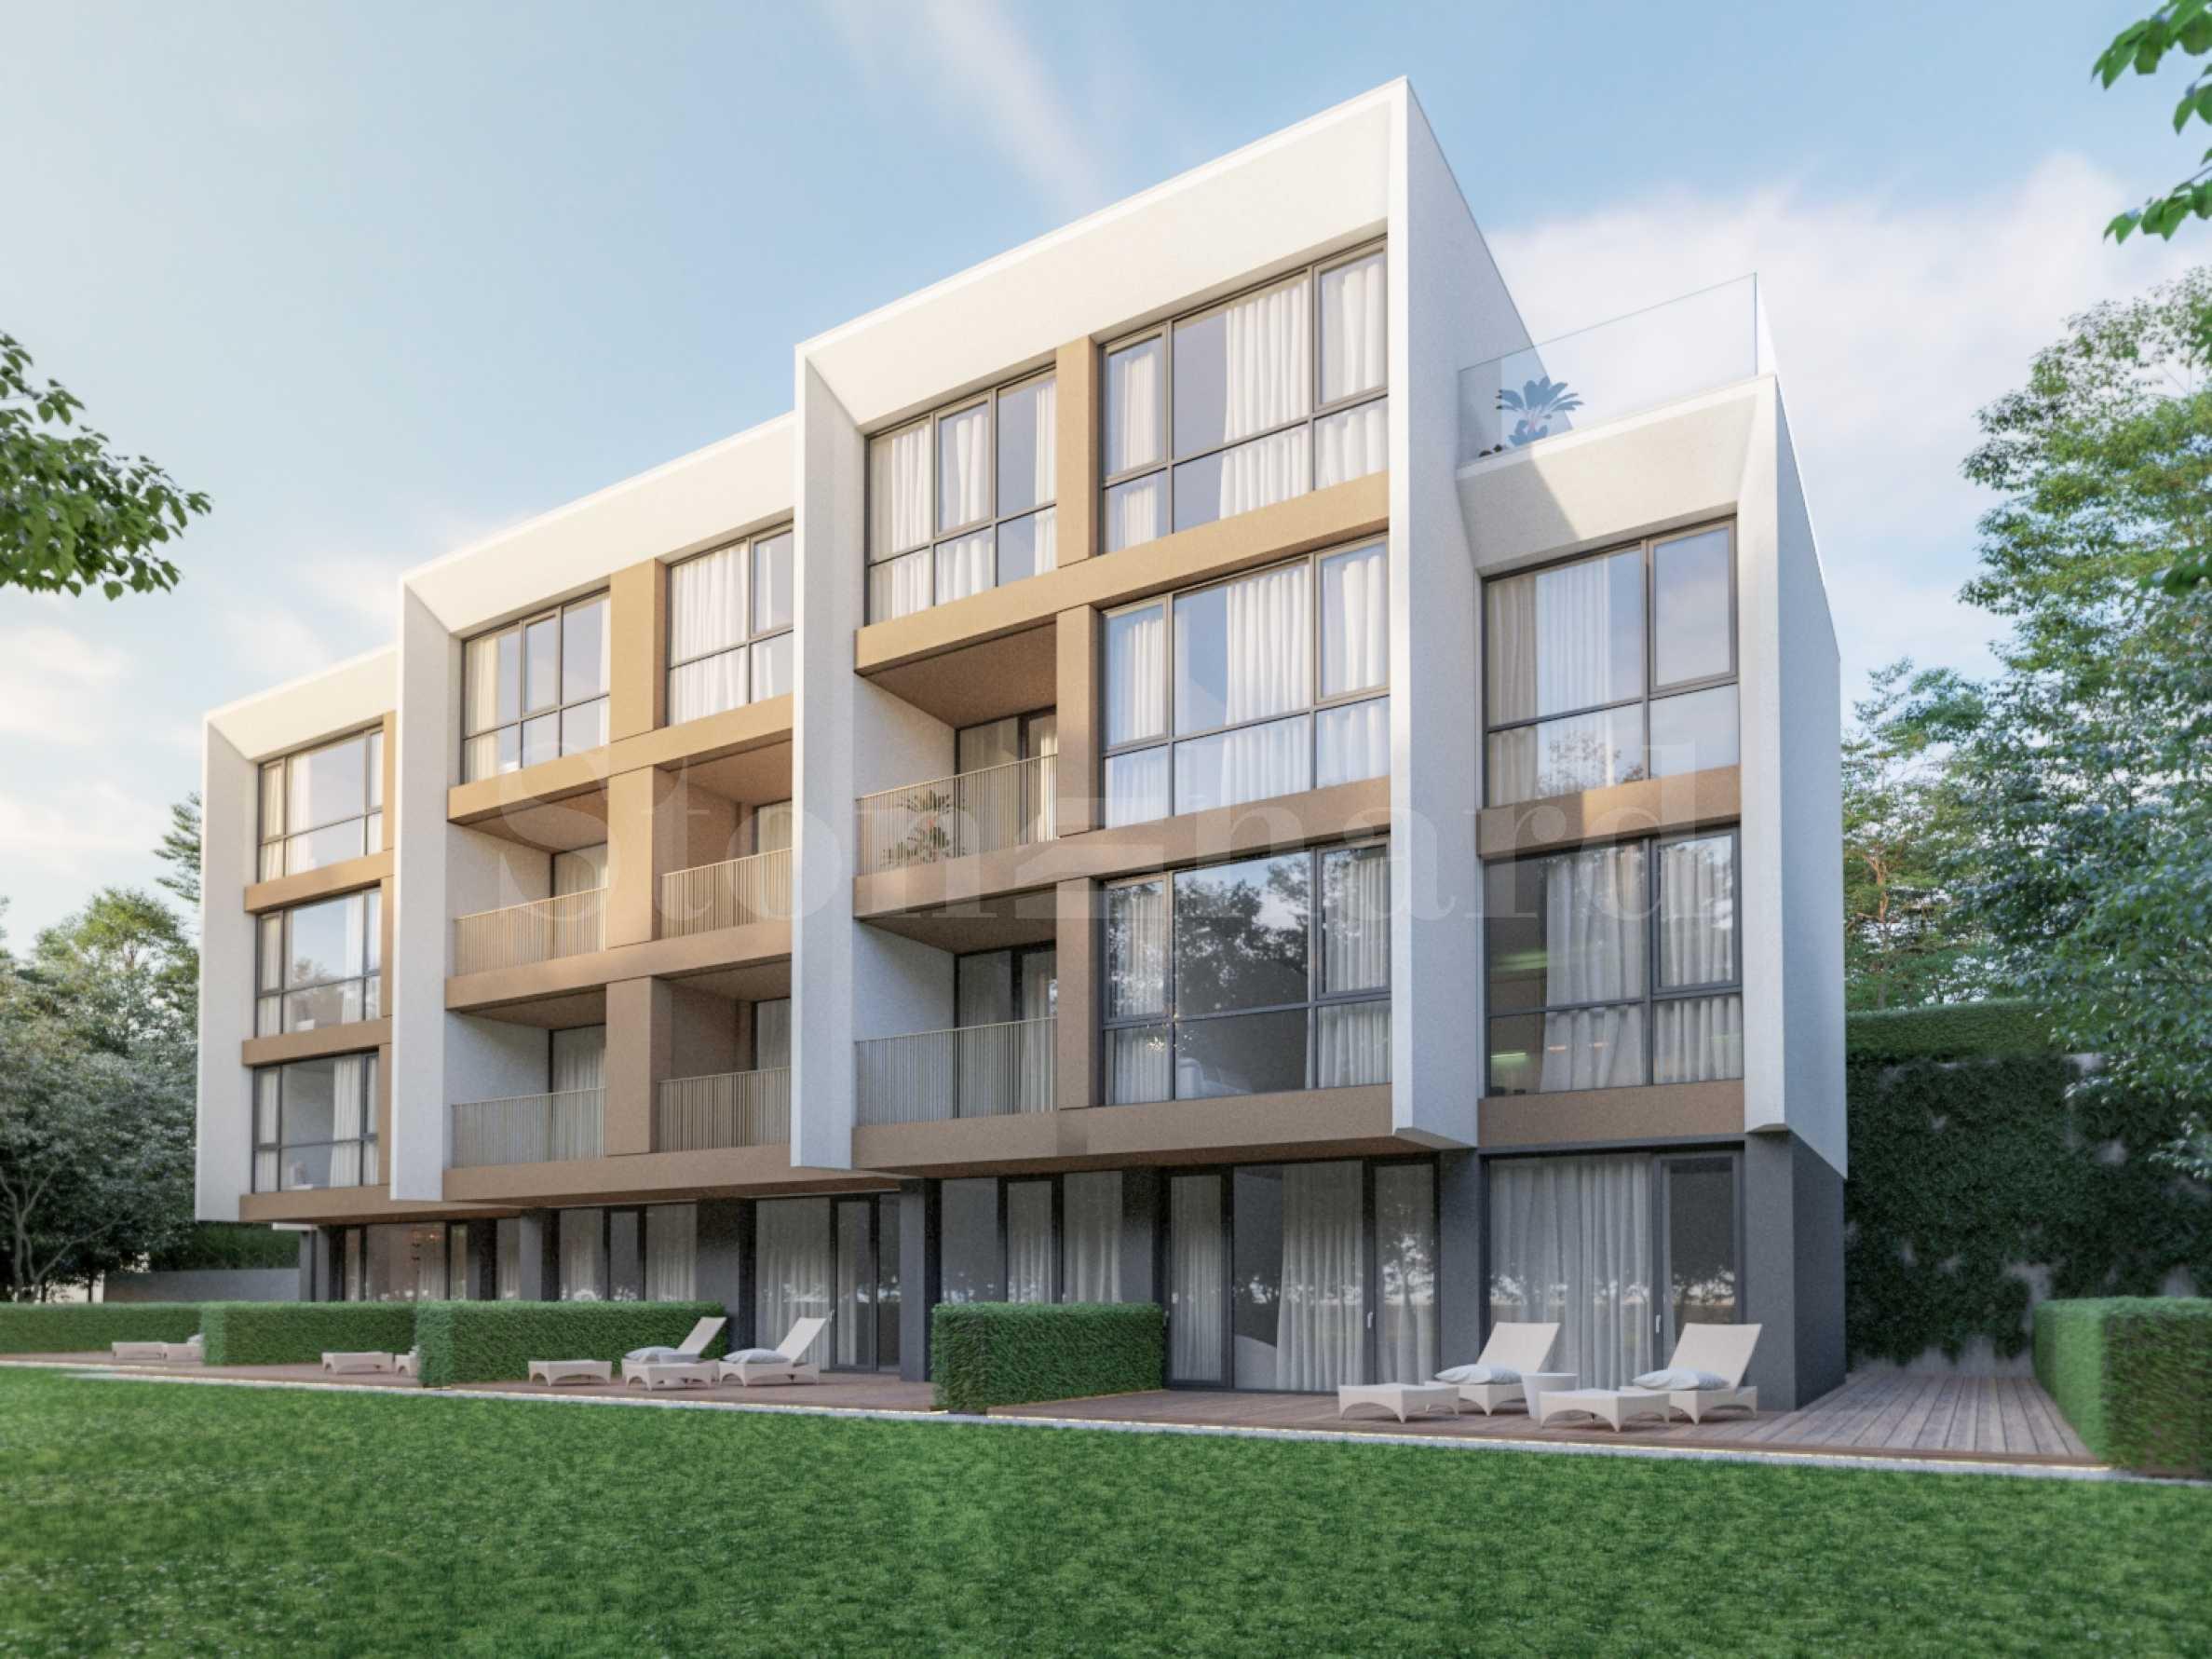 Апартаменти в бутикова сграда ново строителство в местност Траката2 - Stonehard